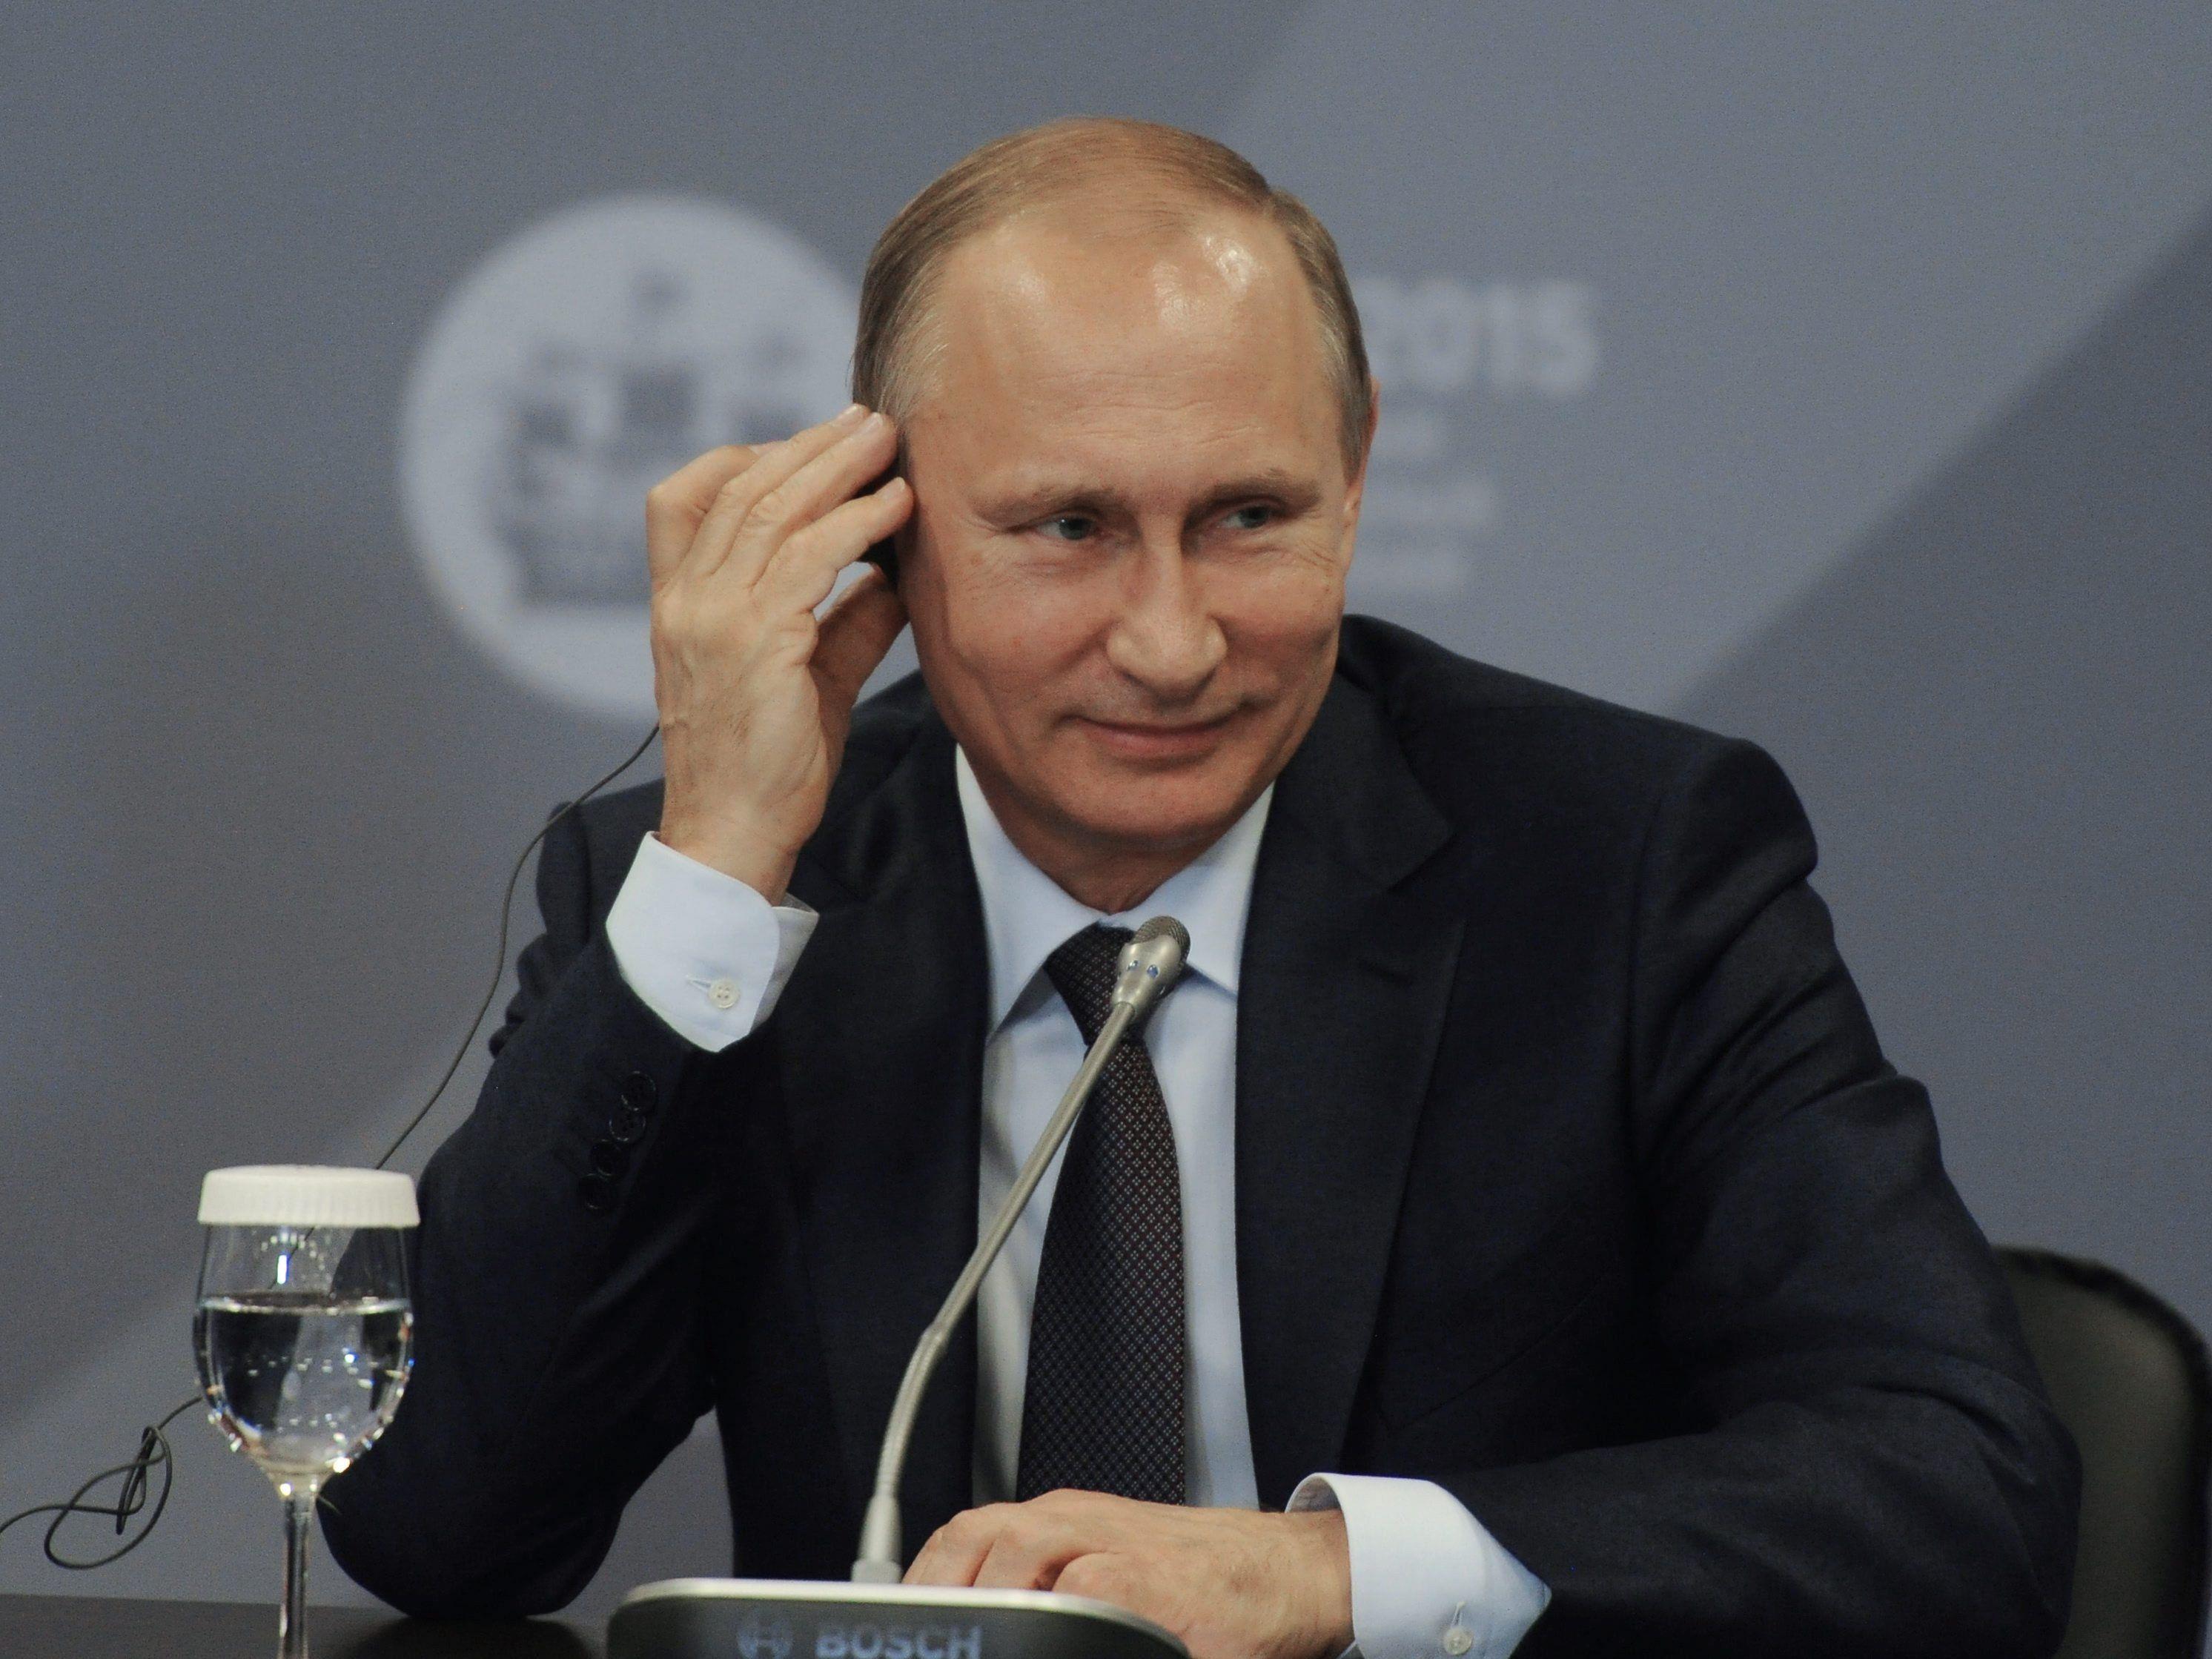 Gipfel im Doppelpack: Für Russland ist es der politische Höhepunkt des Jahres.